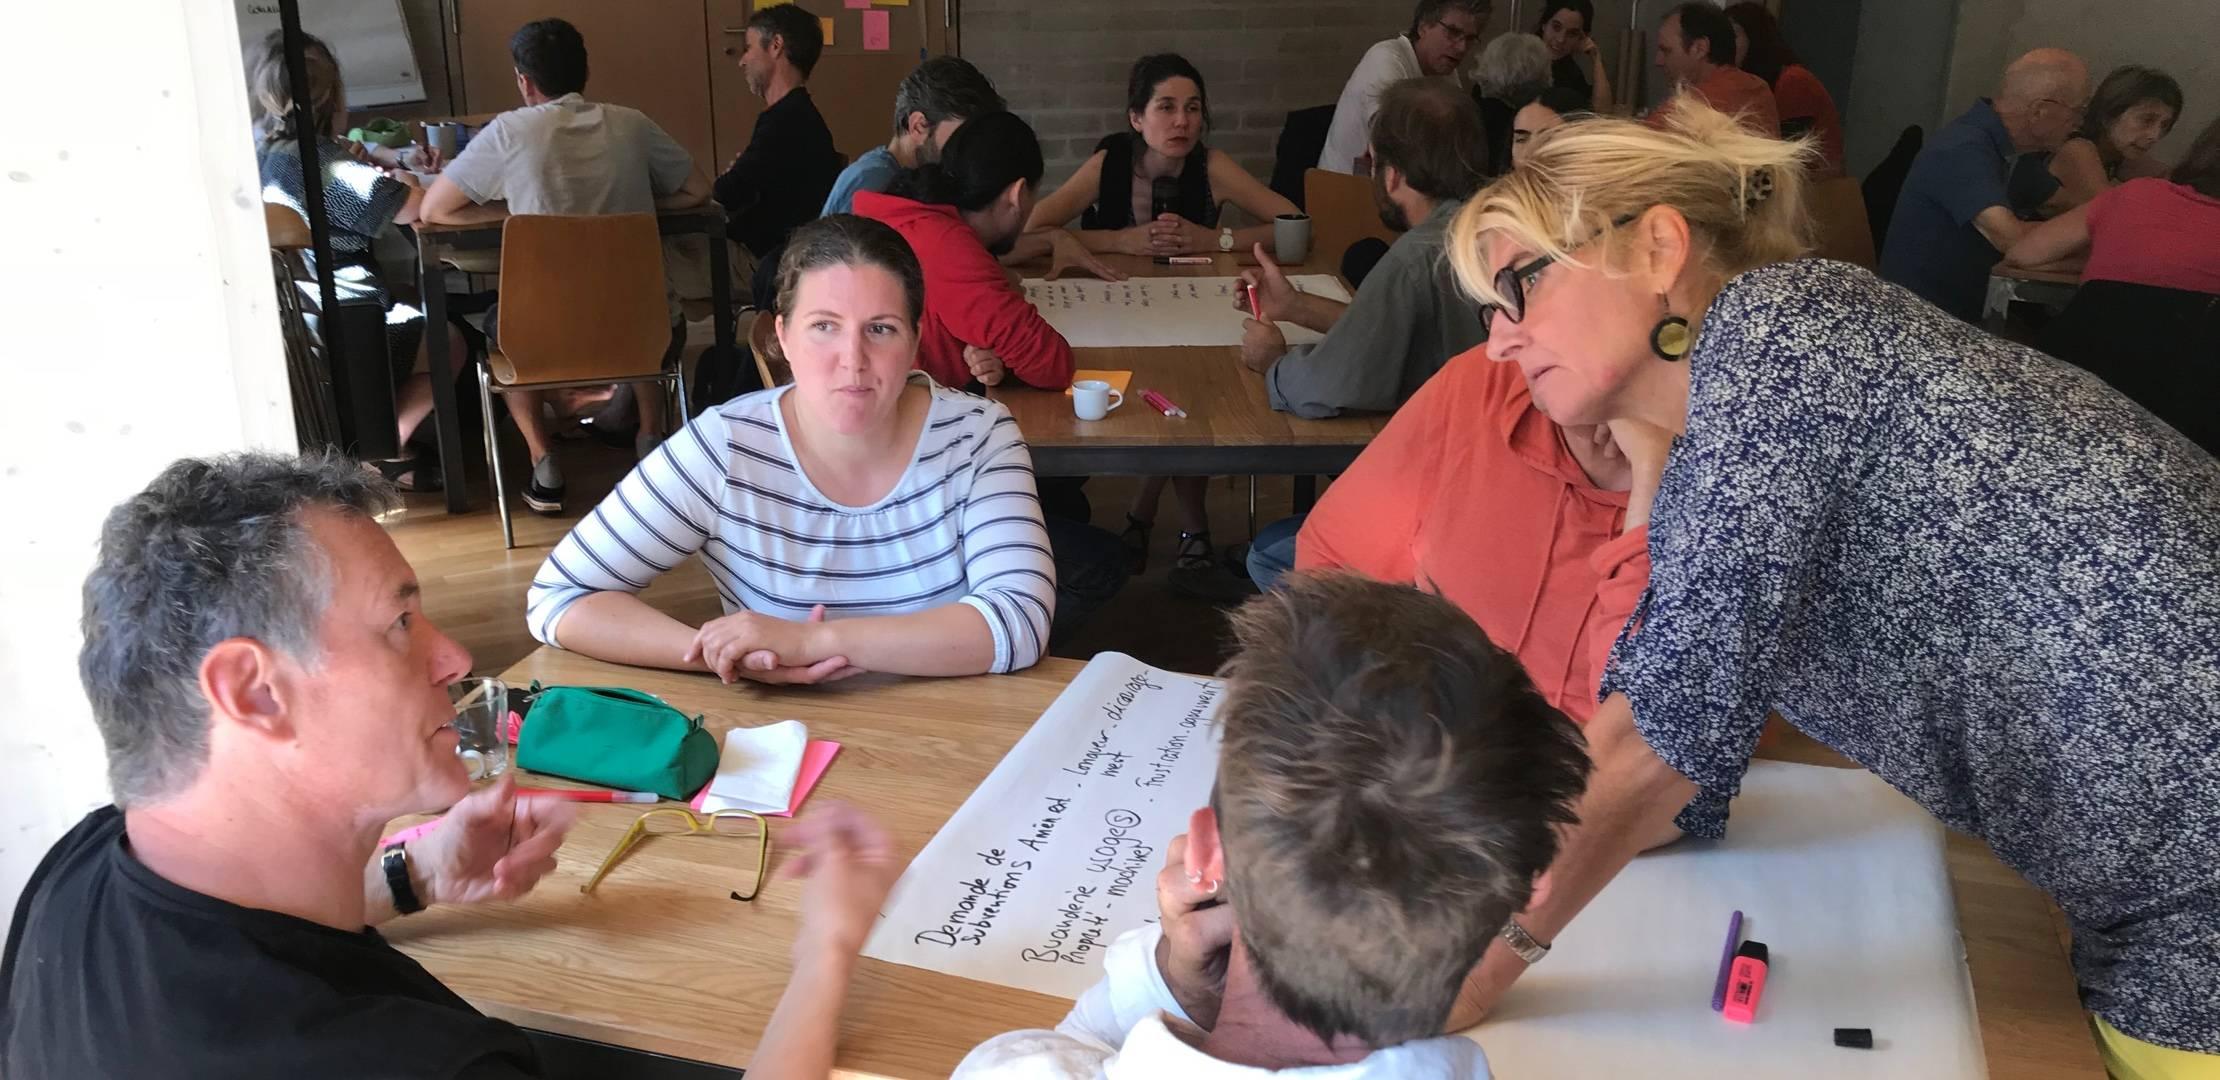 Gouvernance participative accompagnement d'un collectif d'habitants